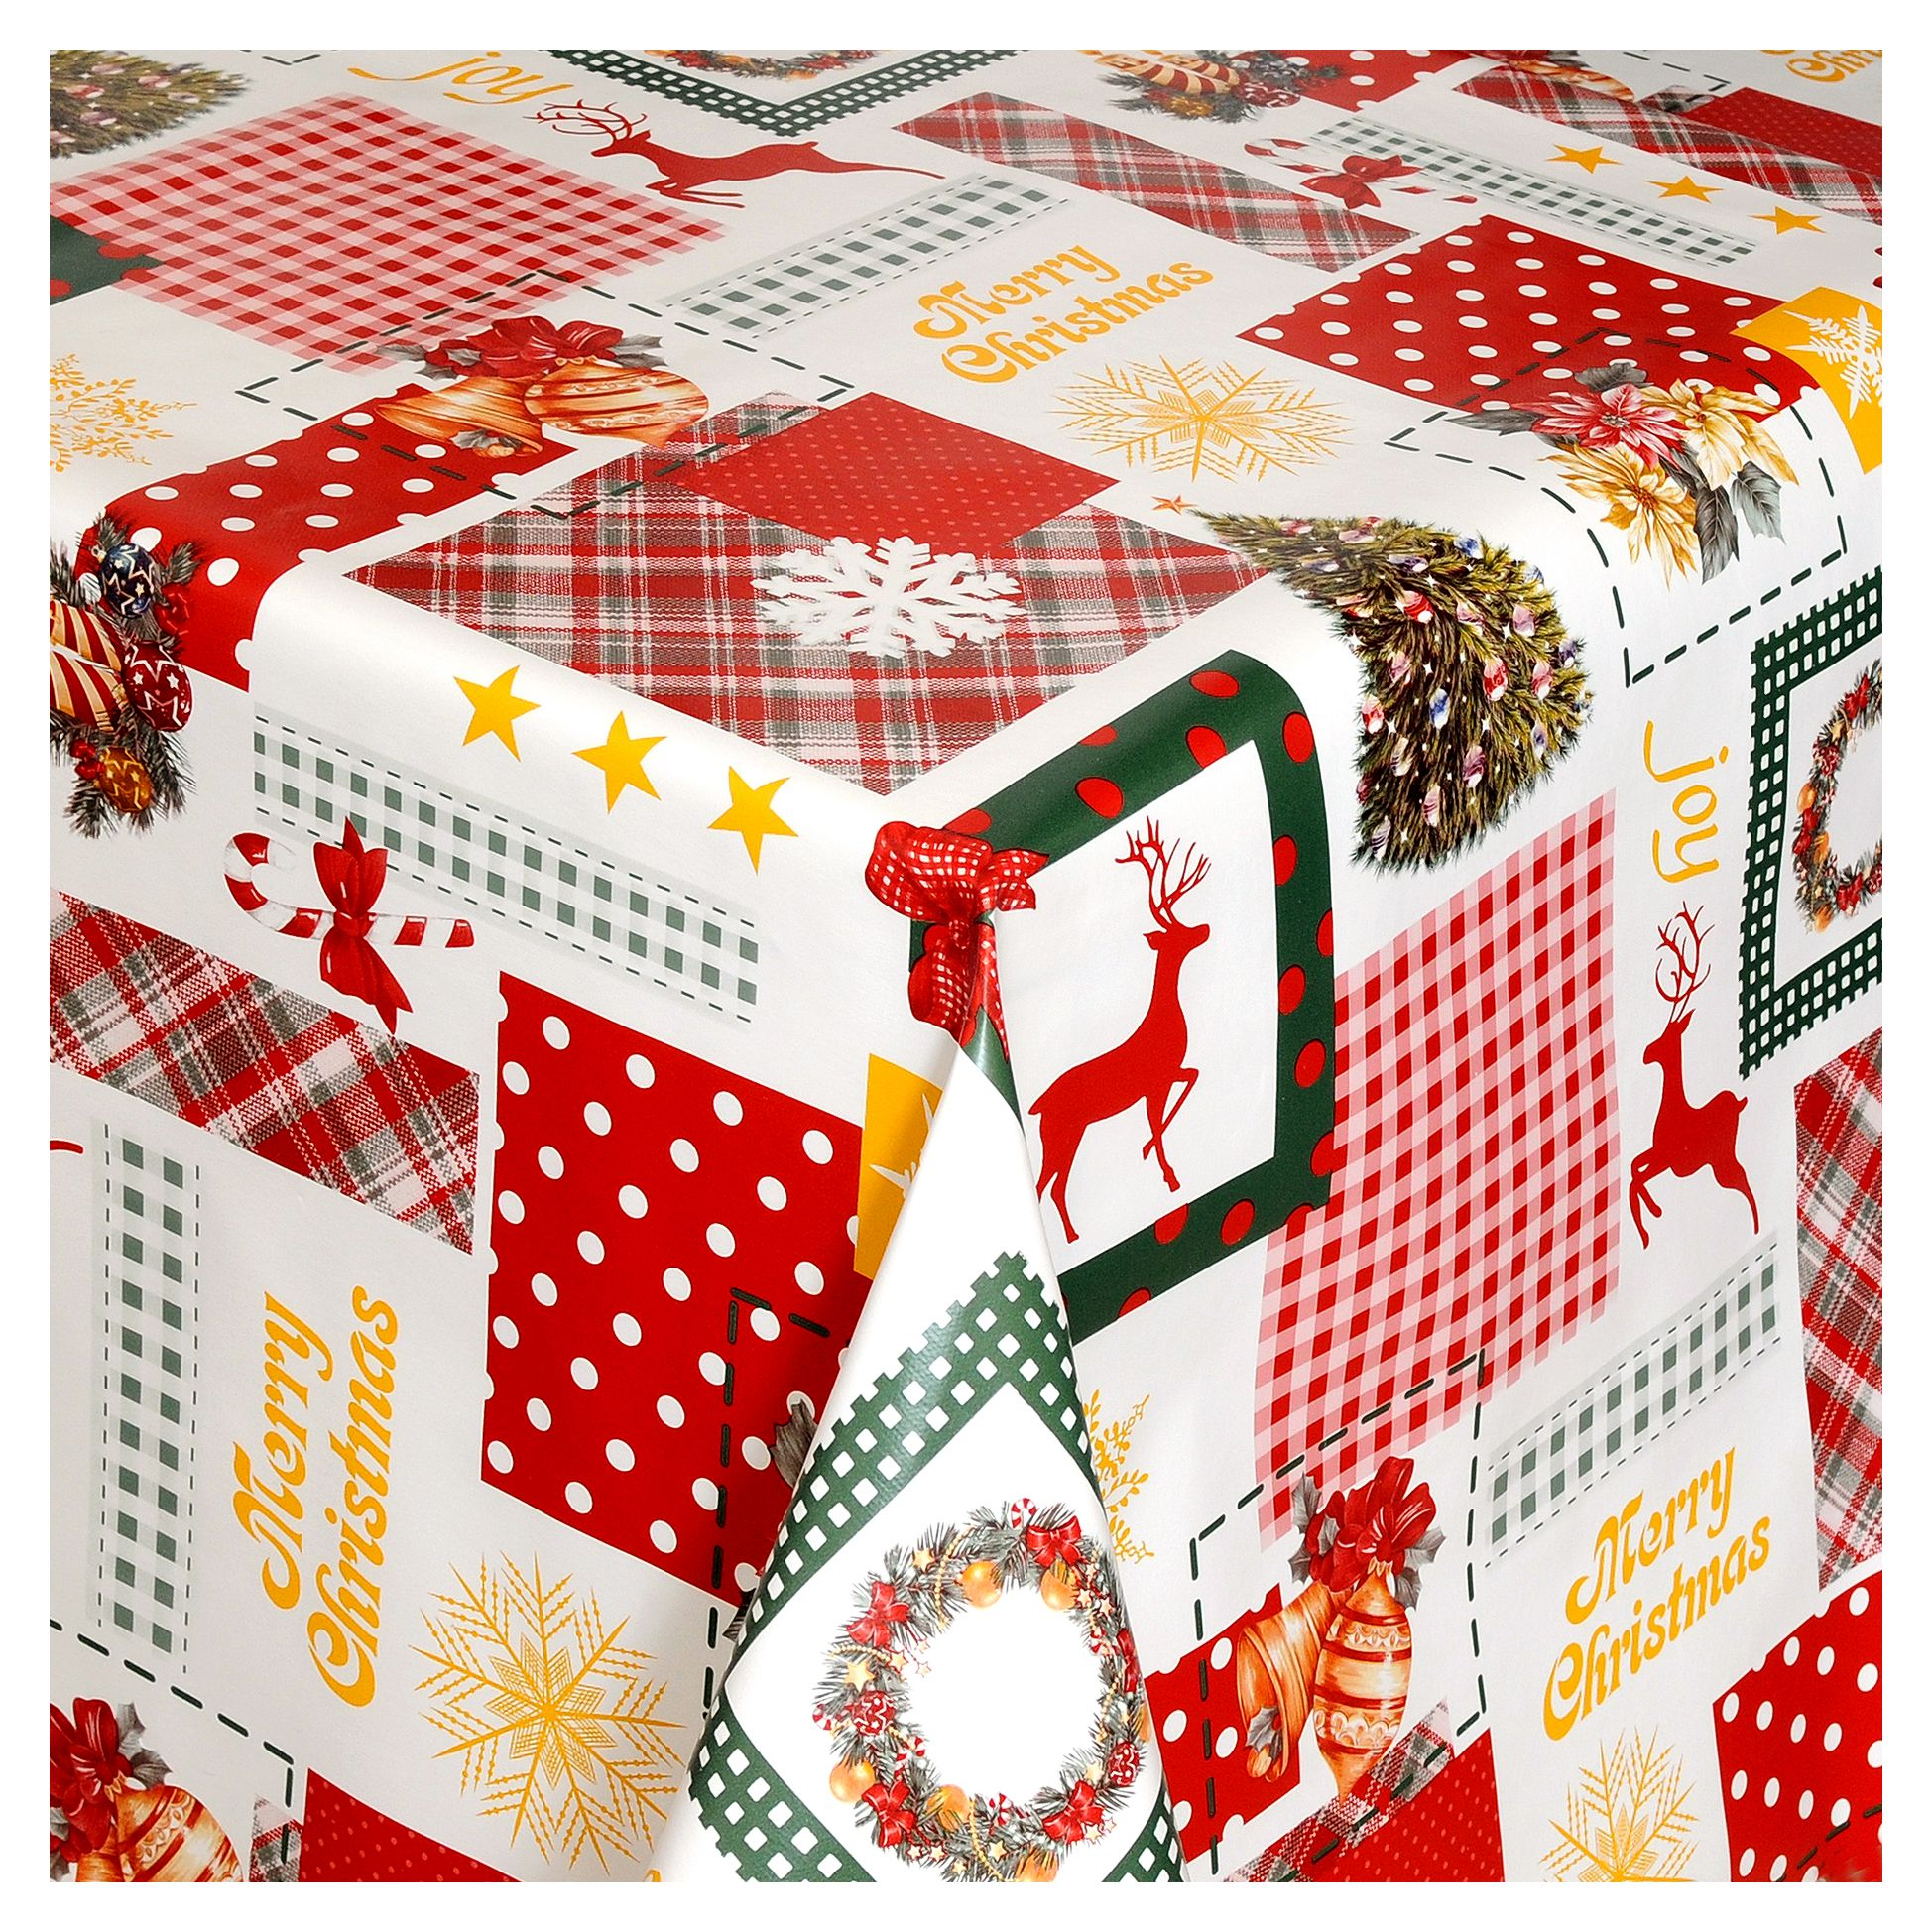 wachstuch tischdecke weihnachten weihnachtstischdecke tischtuch abwischbar ebay. Black Bedroom Furniture Sets. Home Design Ideas